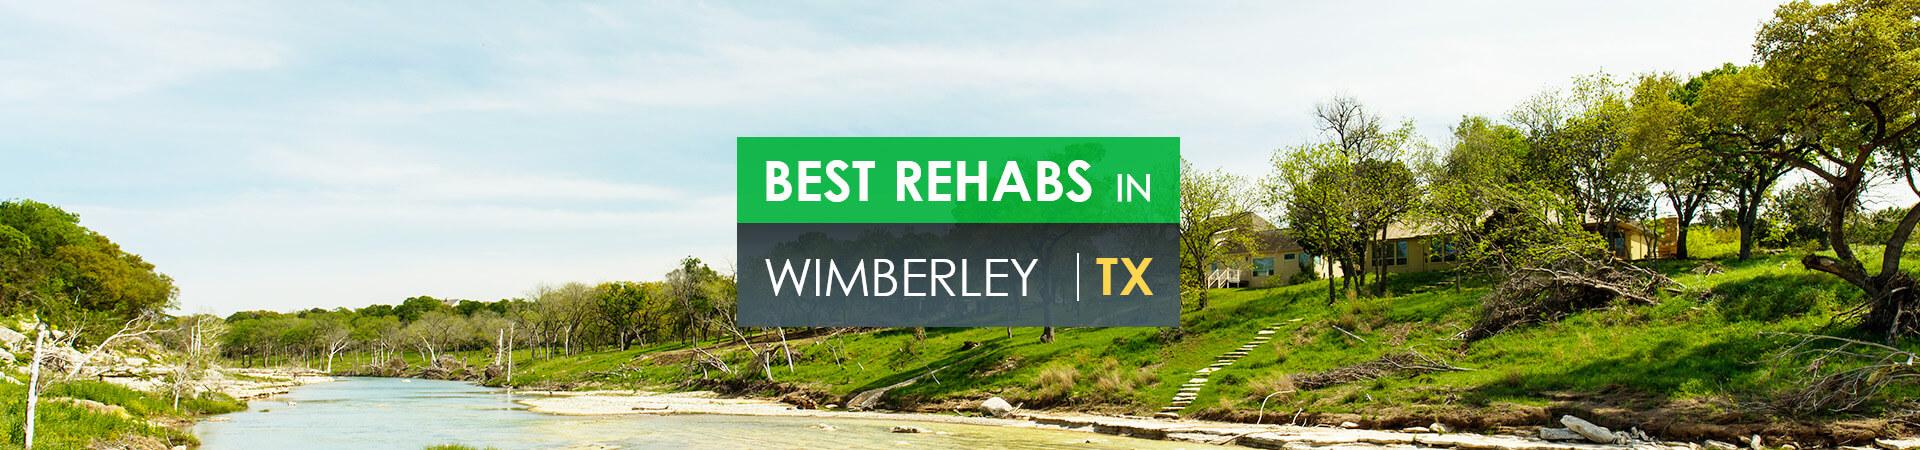 Best rehabs in Wimberley, TX